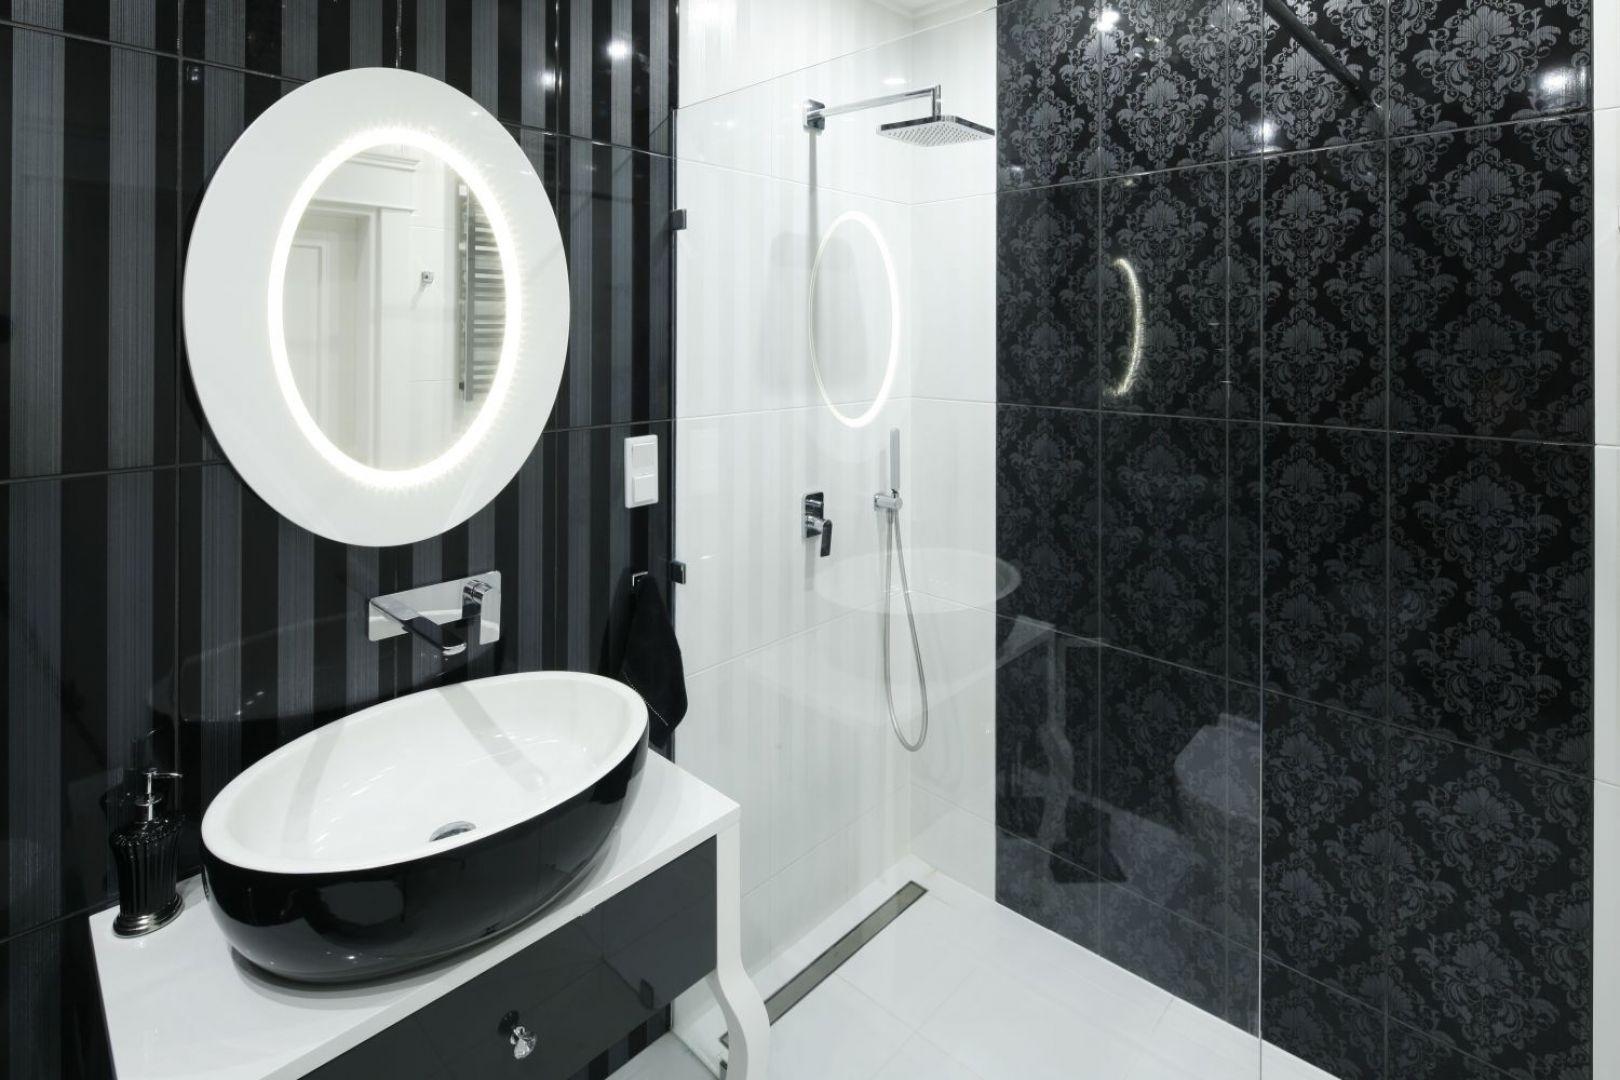 Pomysł na lustro w łazience. Proj. Katarzyna Mikulska-Sękalska. Fot. Bartosz Jarosz